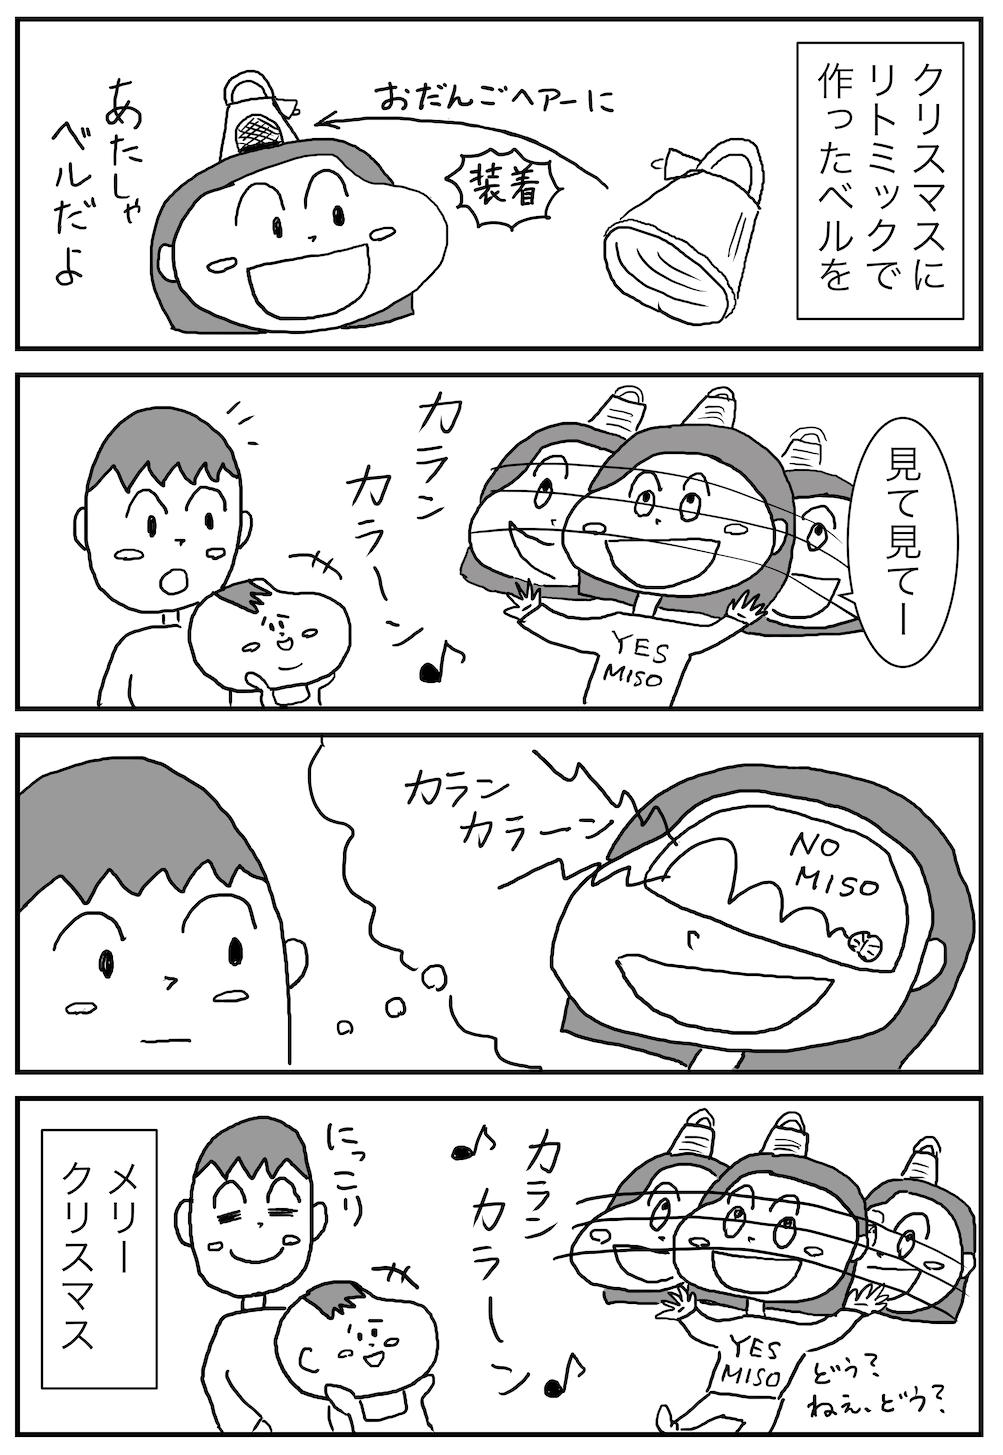 comic-jingle-bells